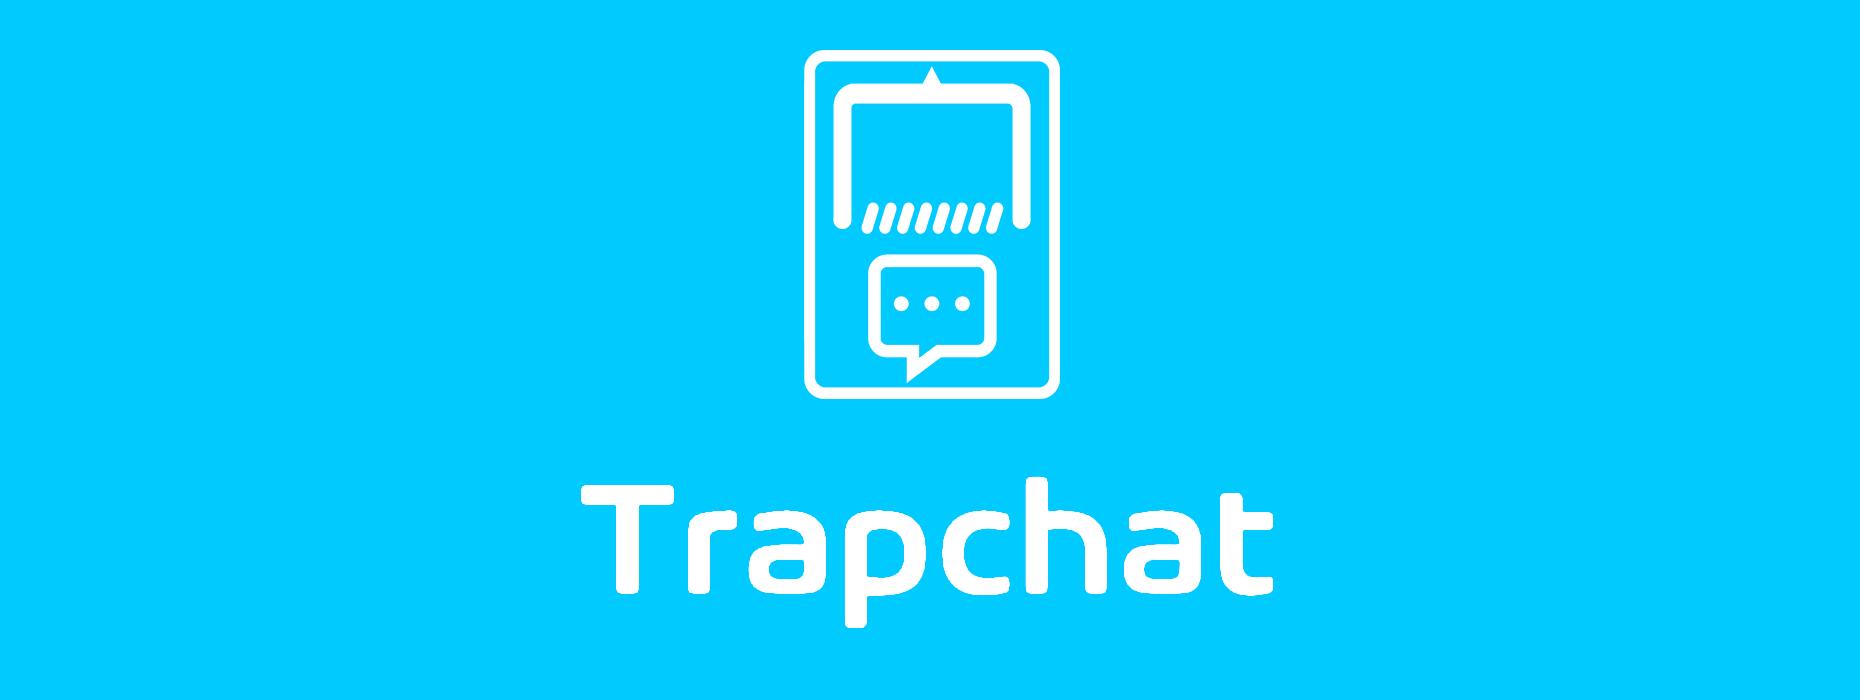 Trapchat - Visual Novel